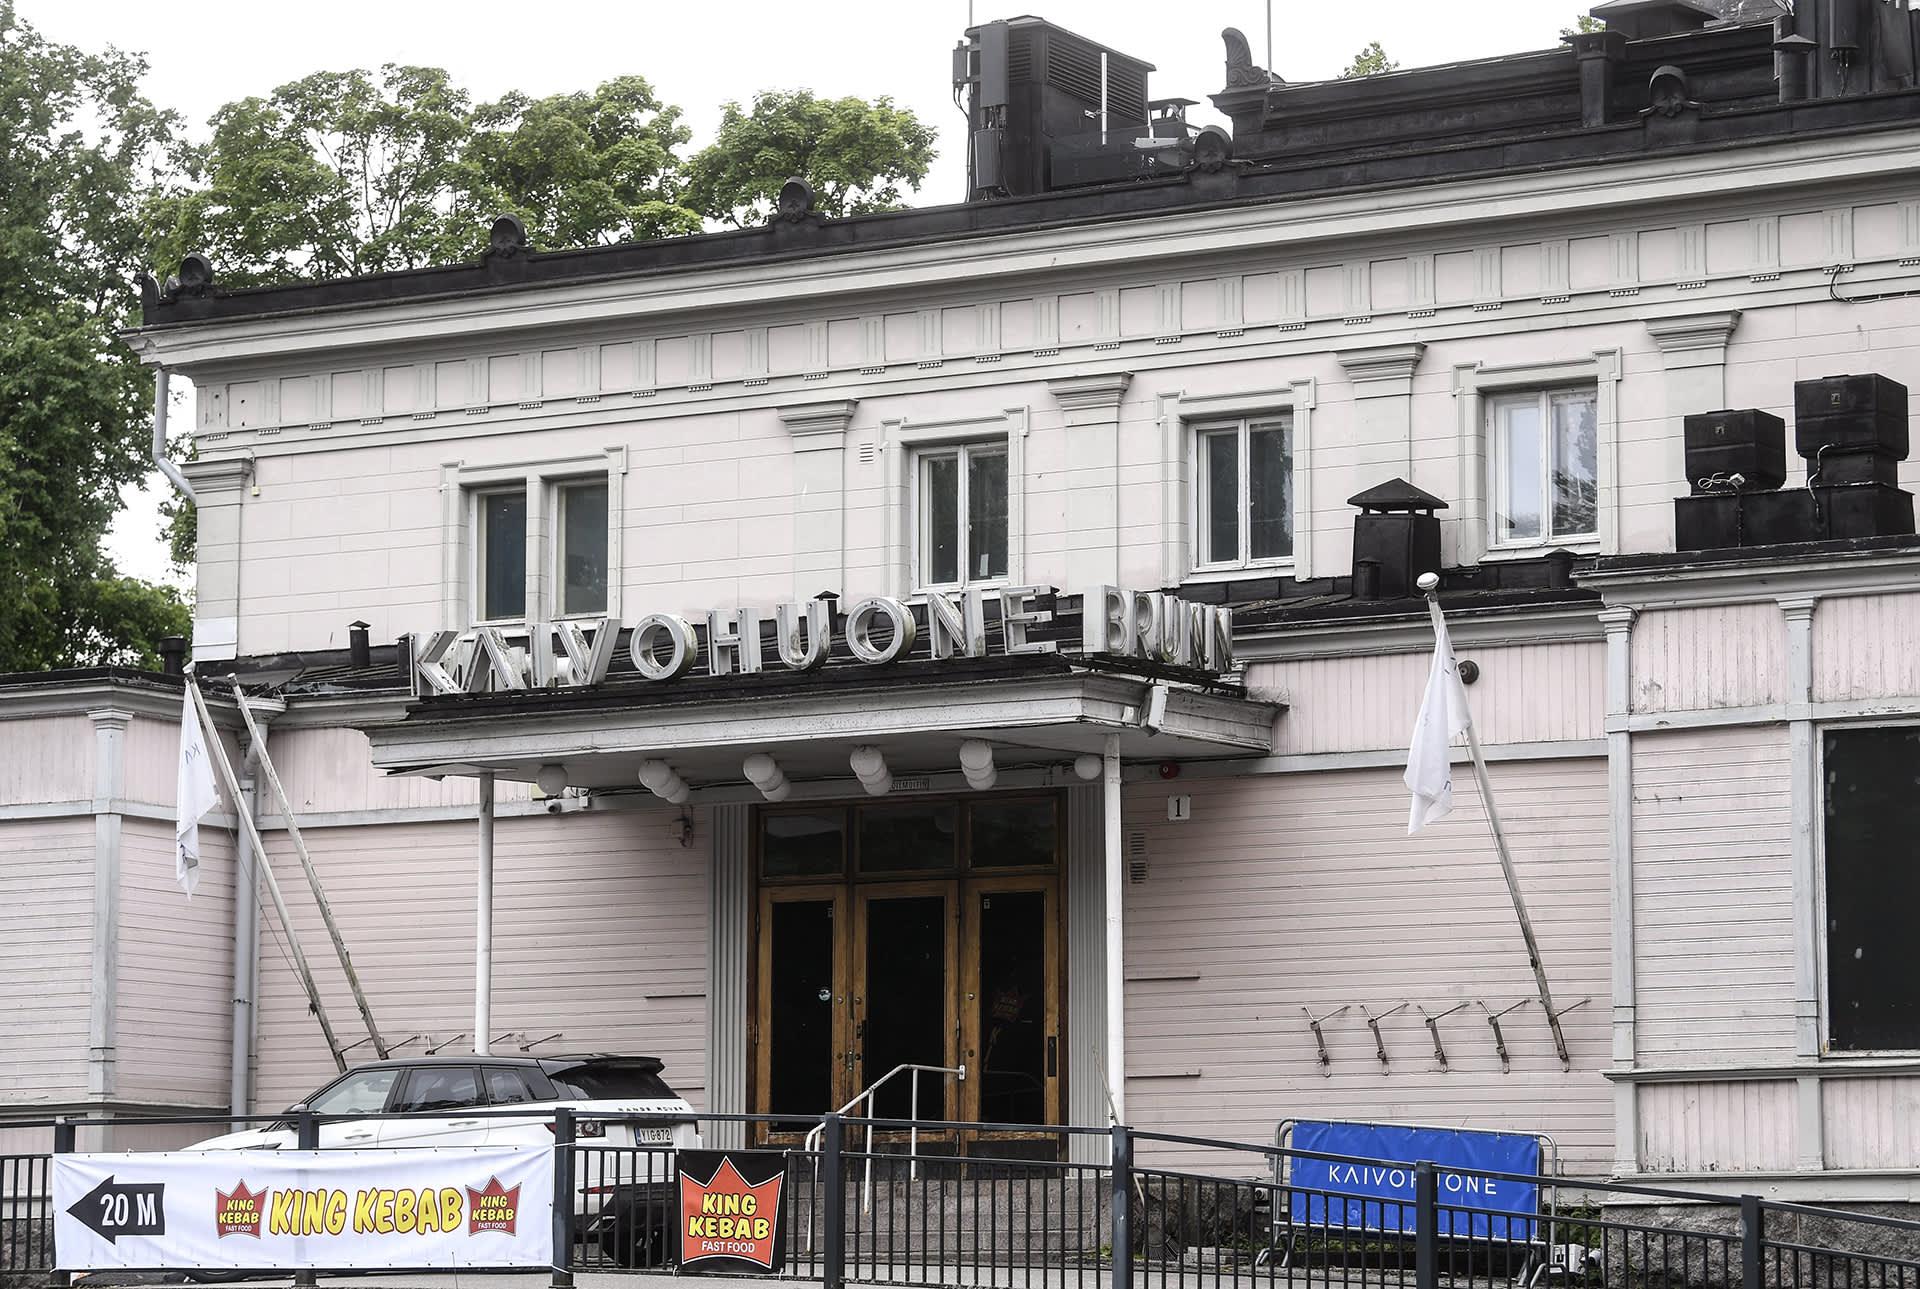 Ravintola Kaivohuone Kaivopuistosssa Helsingissä 7. heinäkuuta.